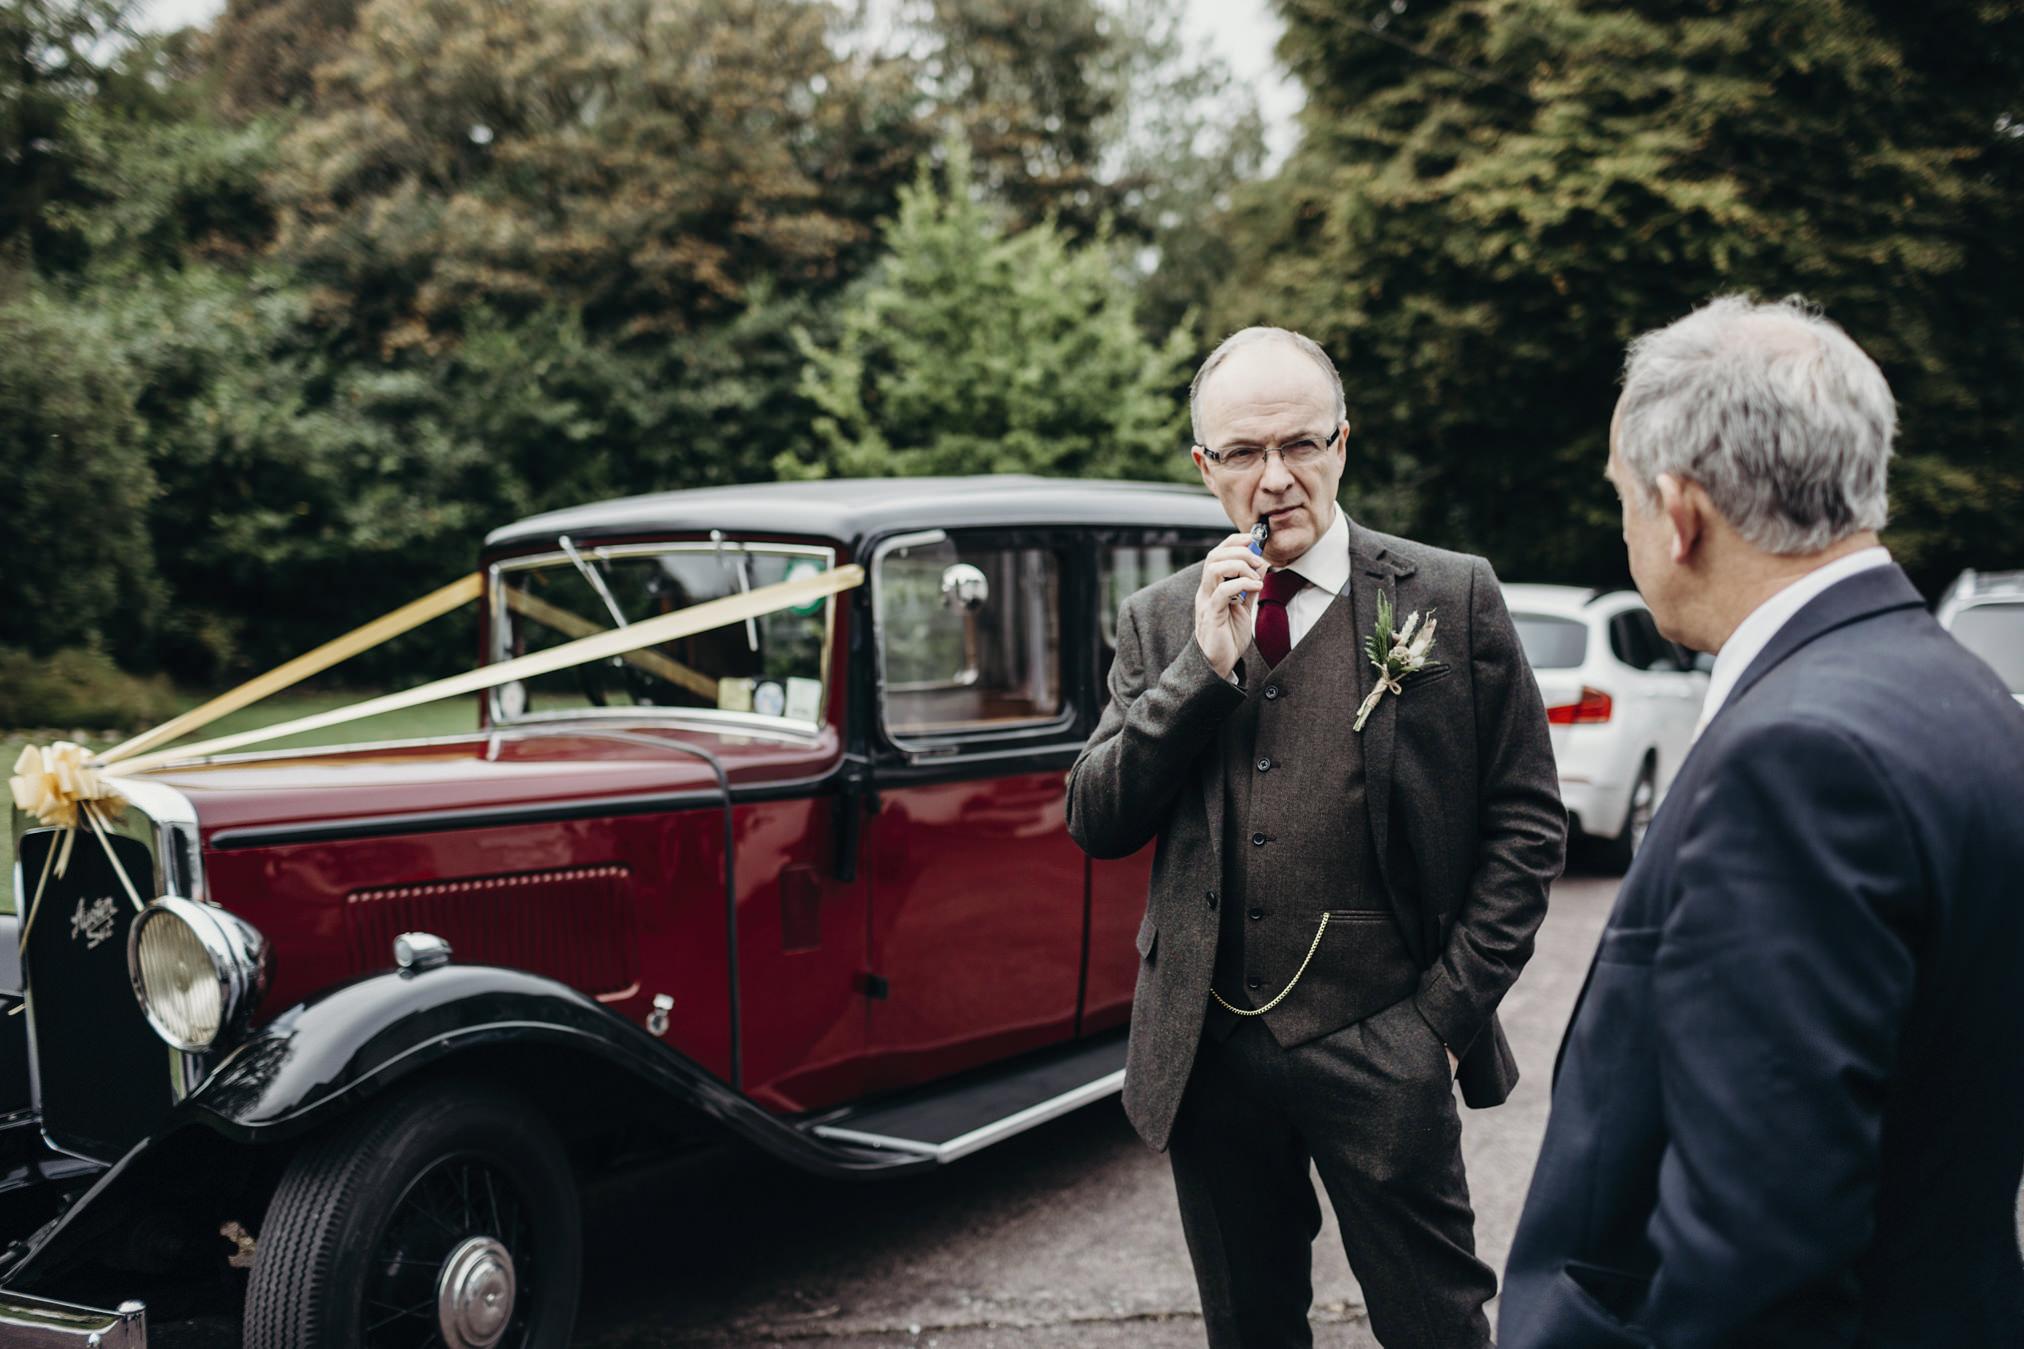 wedding photographer irelandGraciela Vilagudin Photography493.jpg